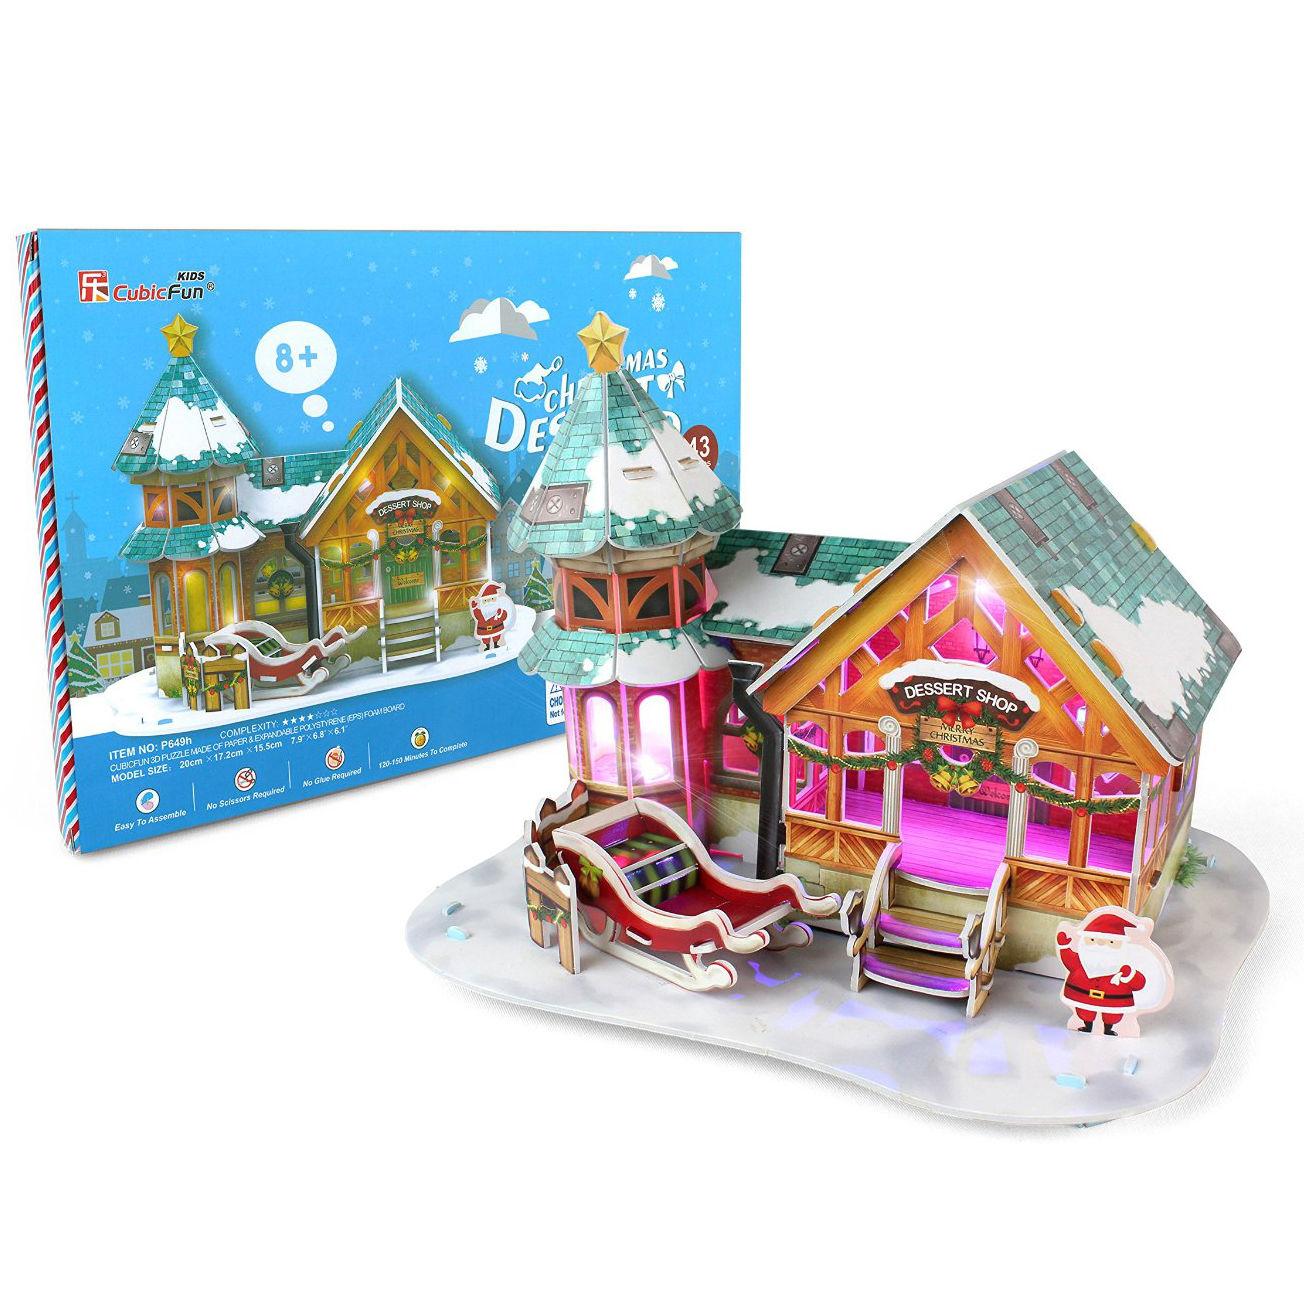 Купить 3D-пазл с подсветкой - Рождественский домик, 43 детали, Cubic Fun